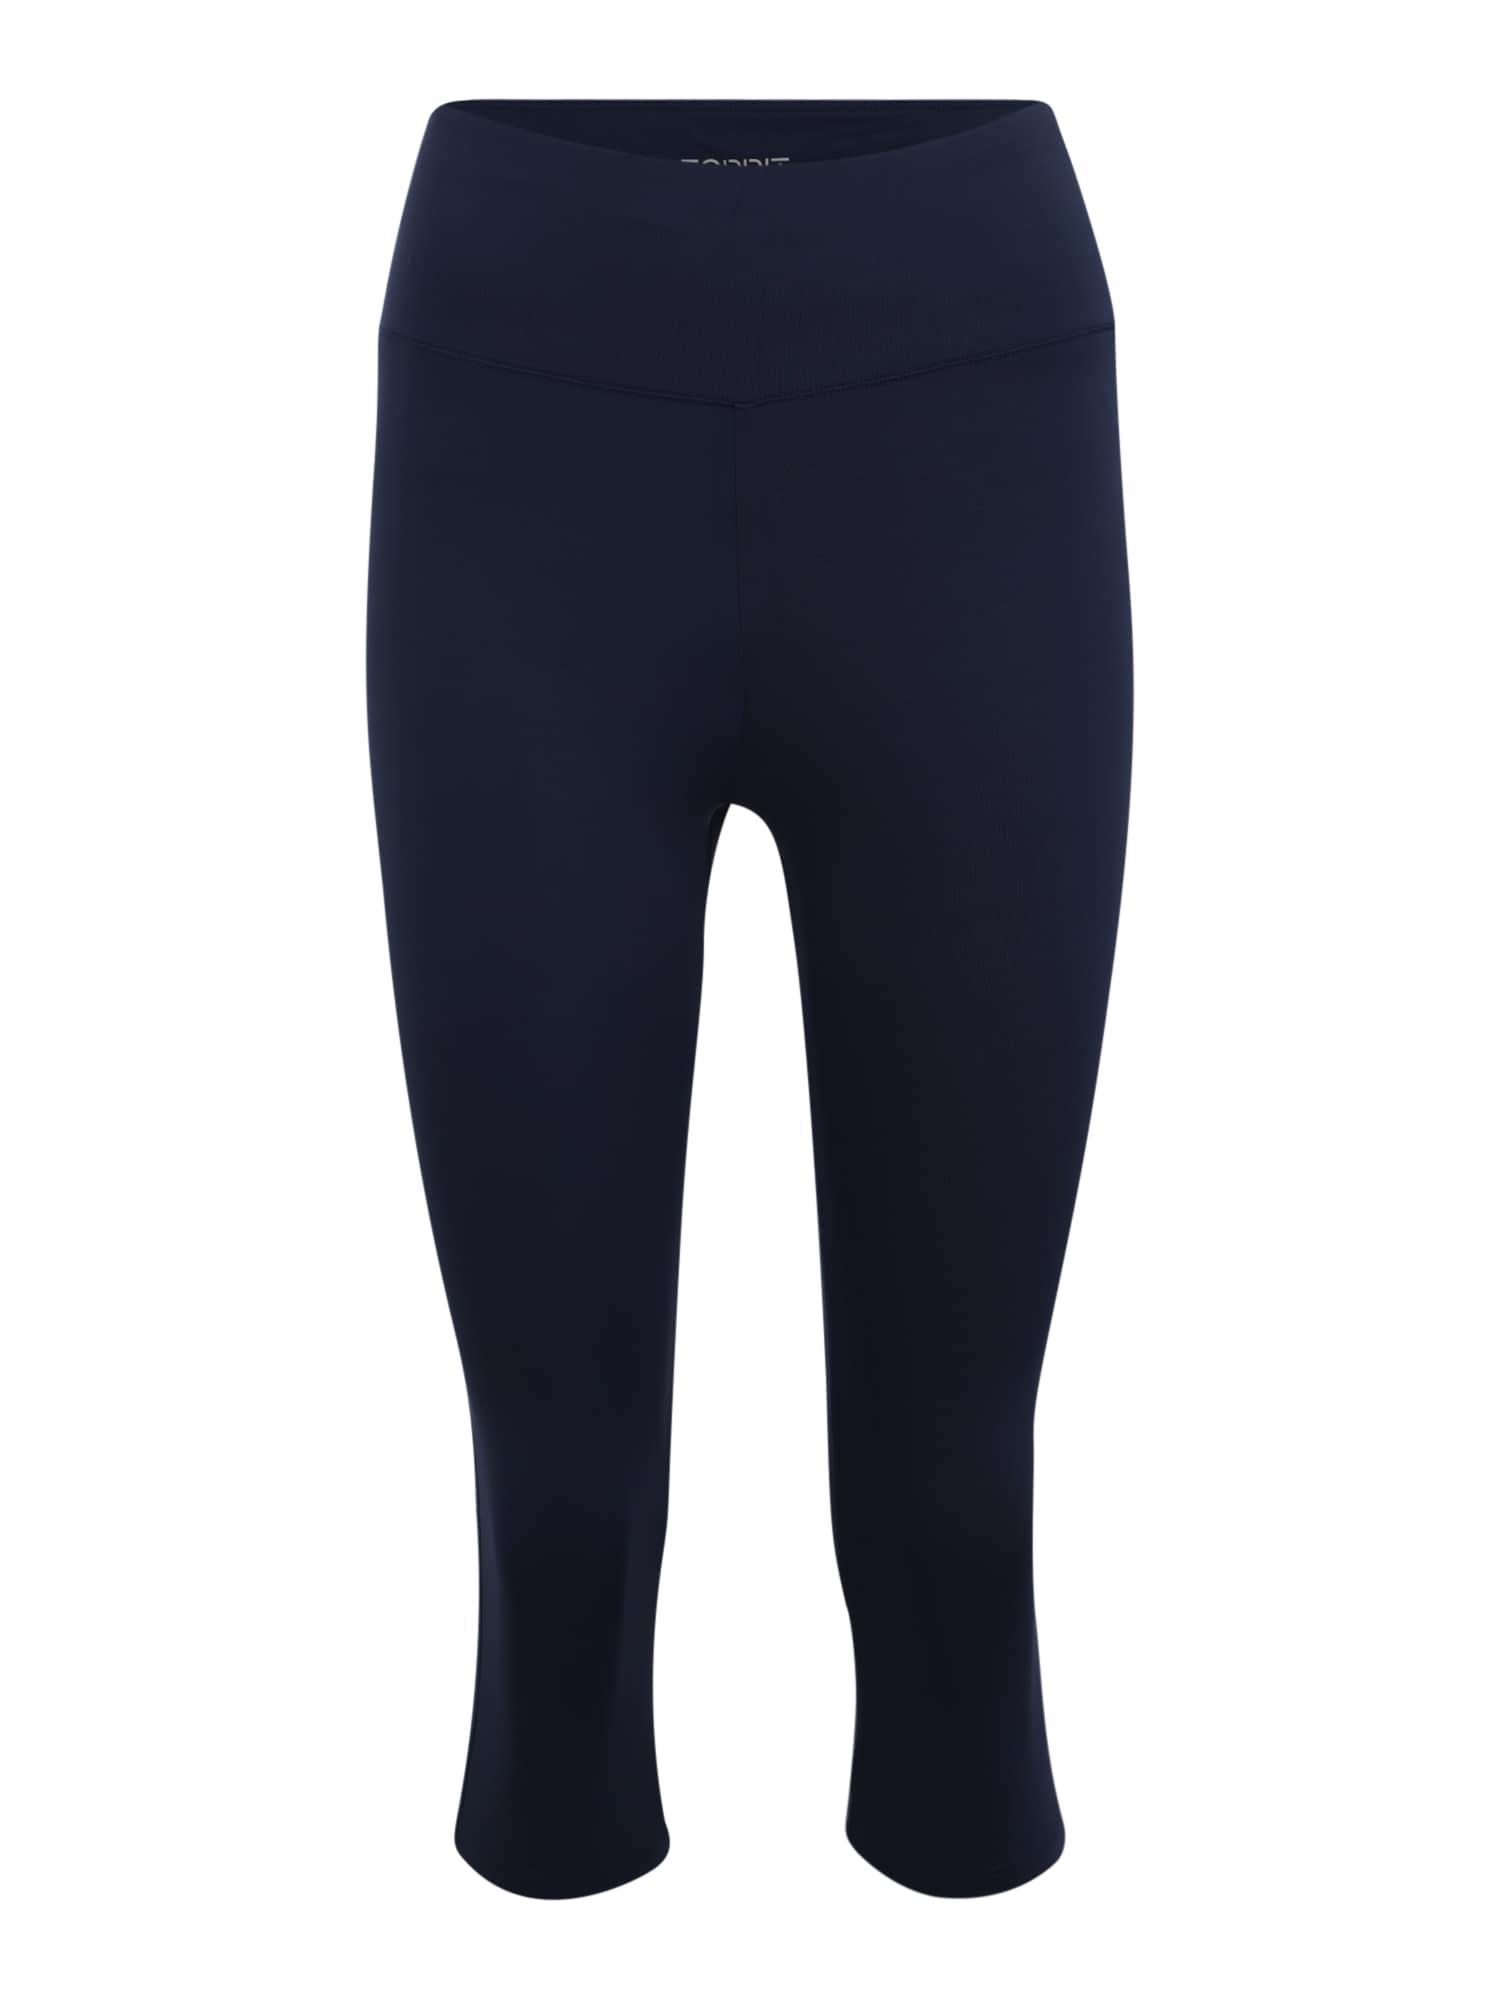 Sportovní kalhoty tight edry sl Pants knitted námořnická modř ESPRIT SPORTS